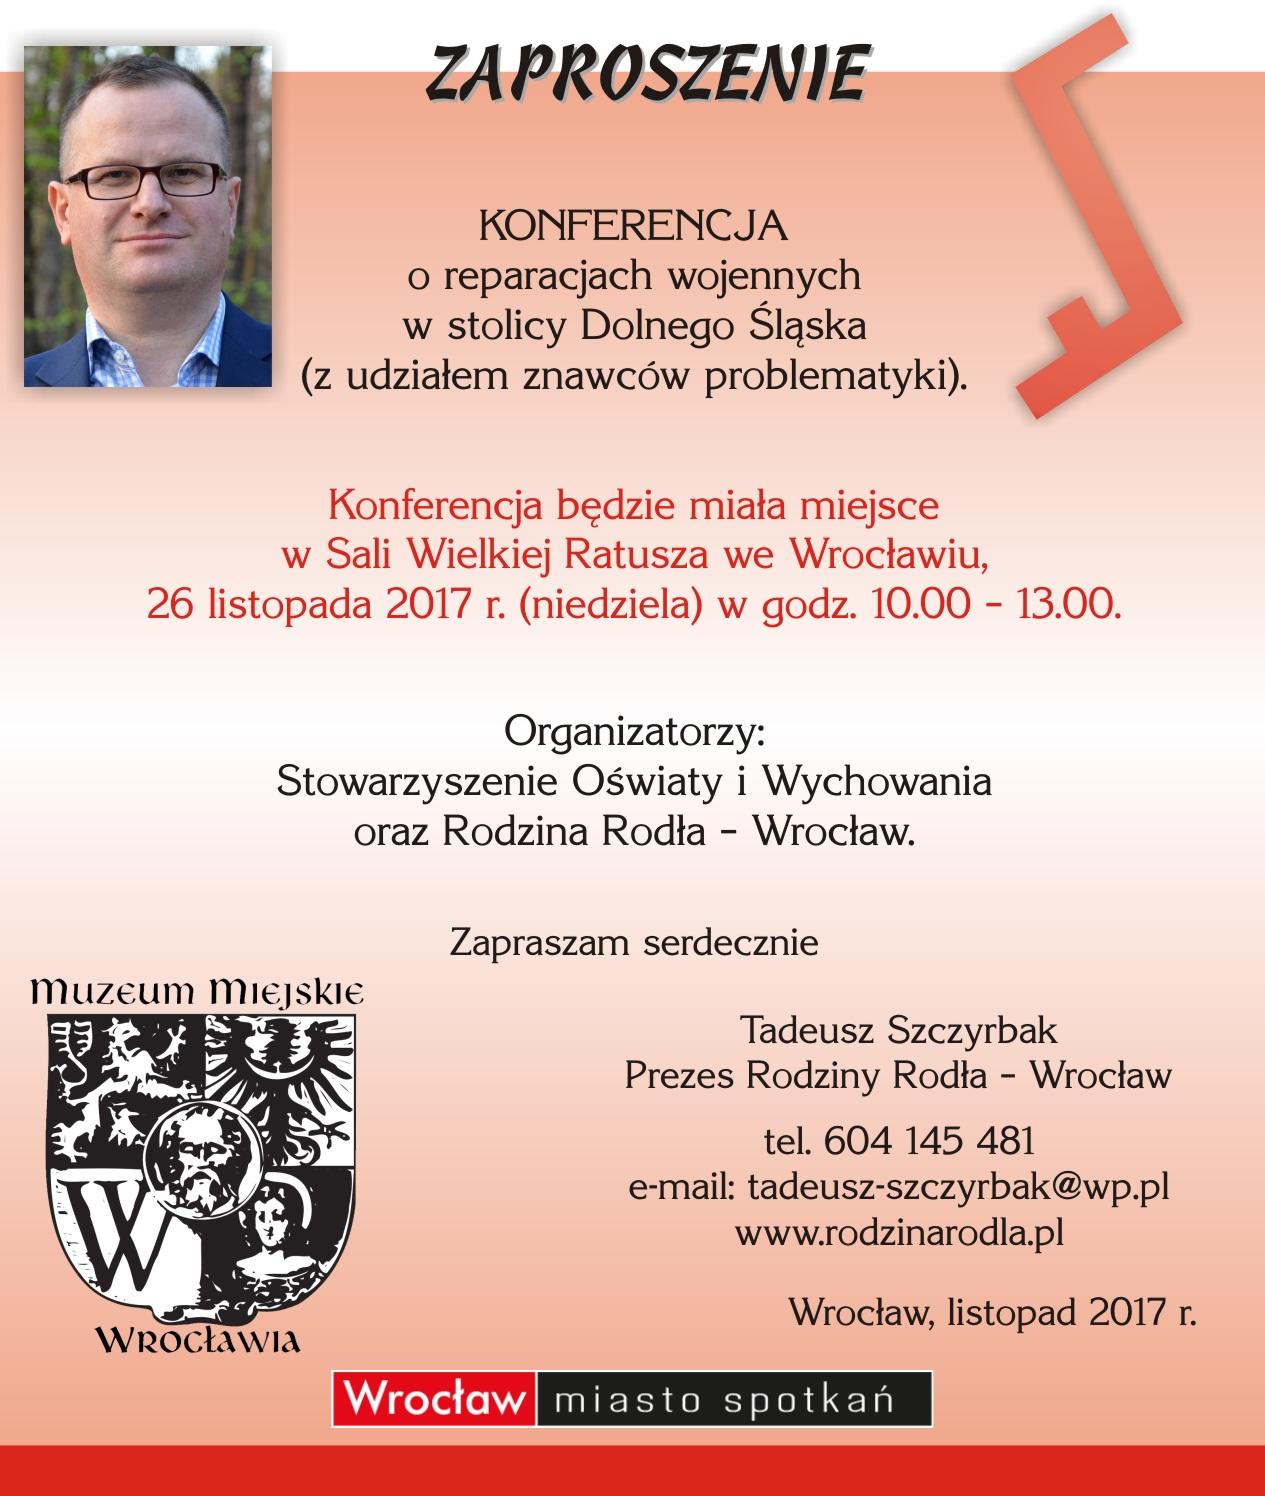 Zaproszenie na Konferencję o reparacjach wojennych.